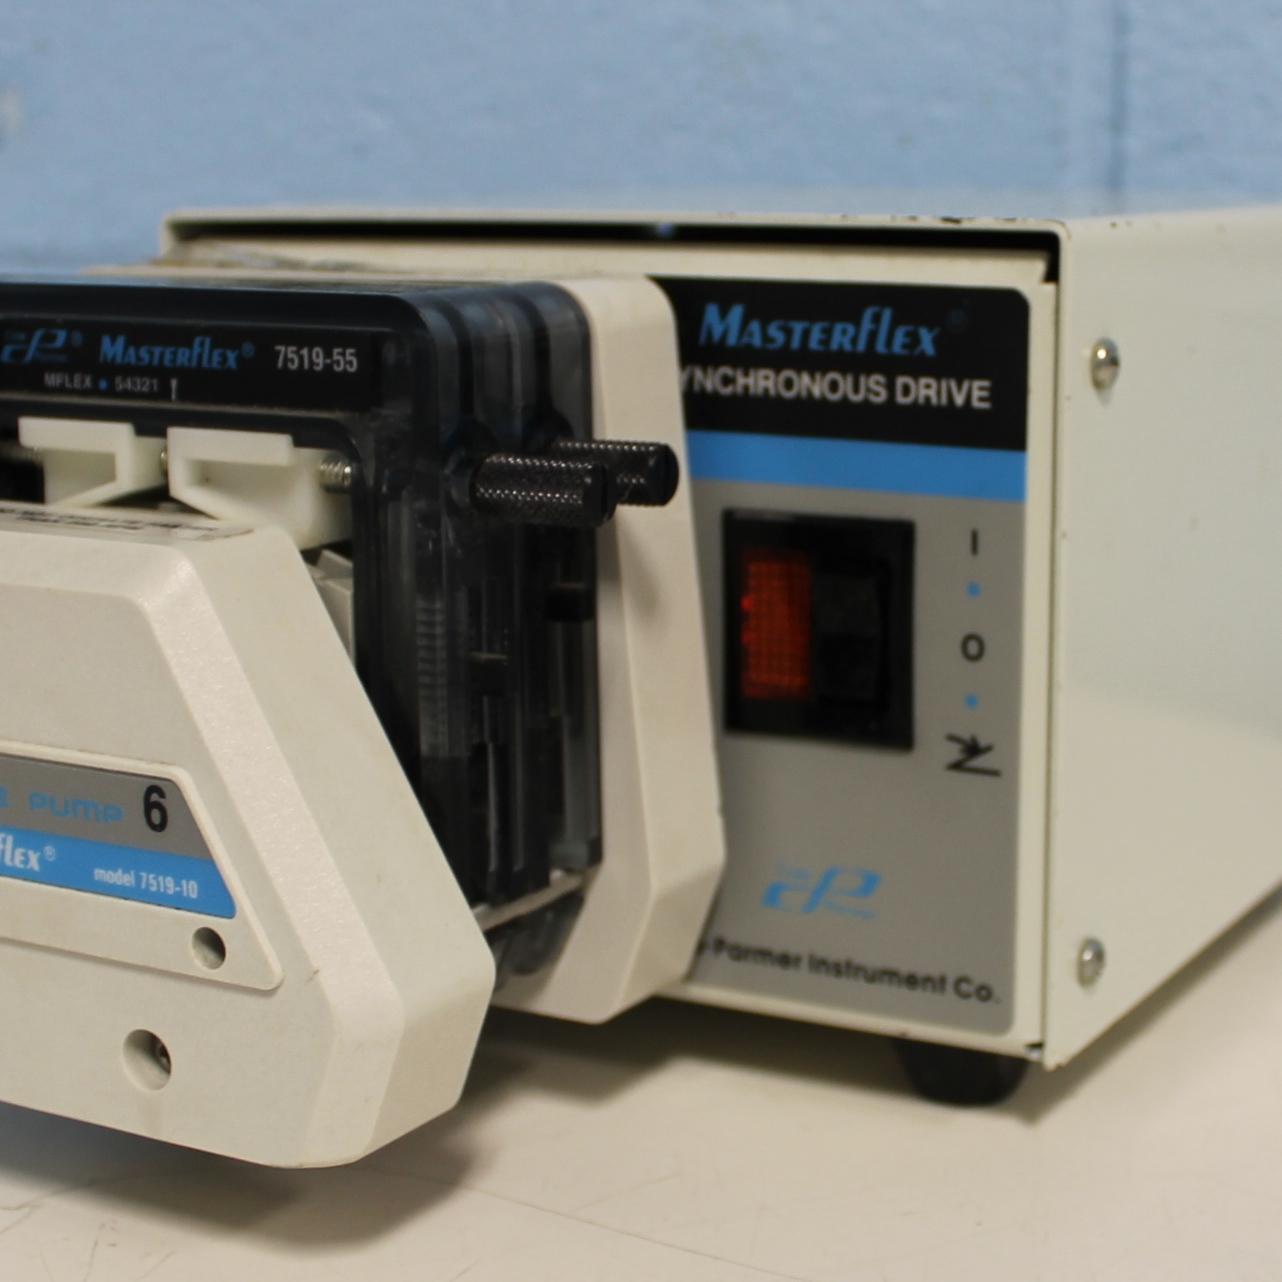 Cole-Parmer Masterflex Synchronous Drive 77010-10 Image